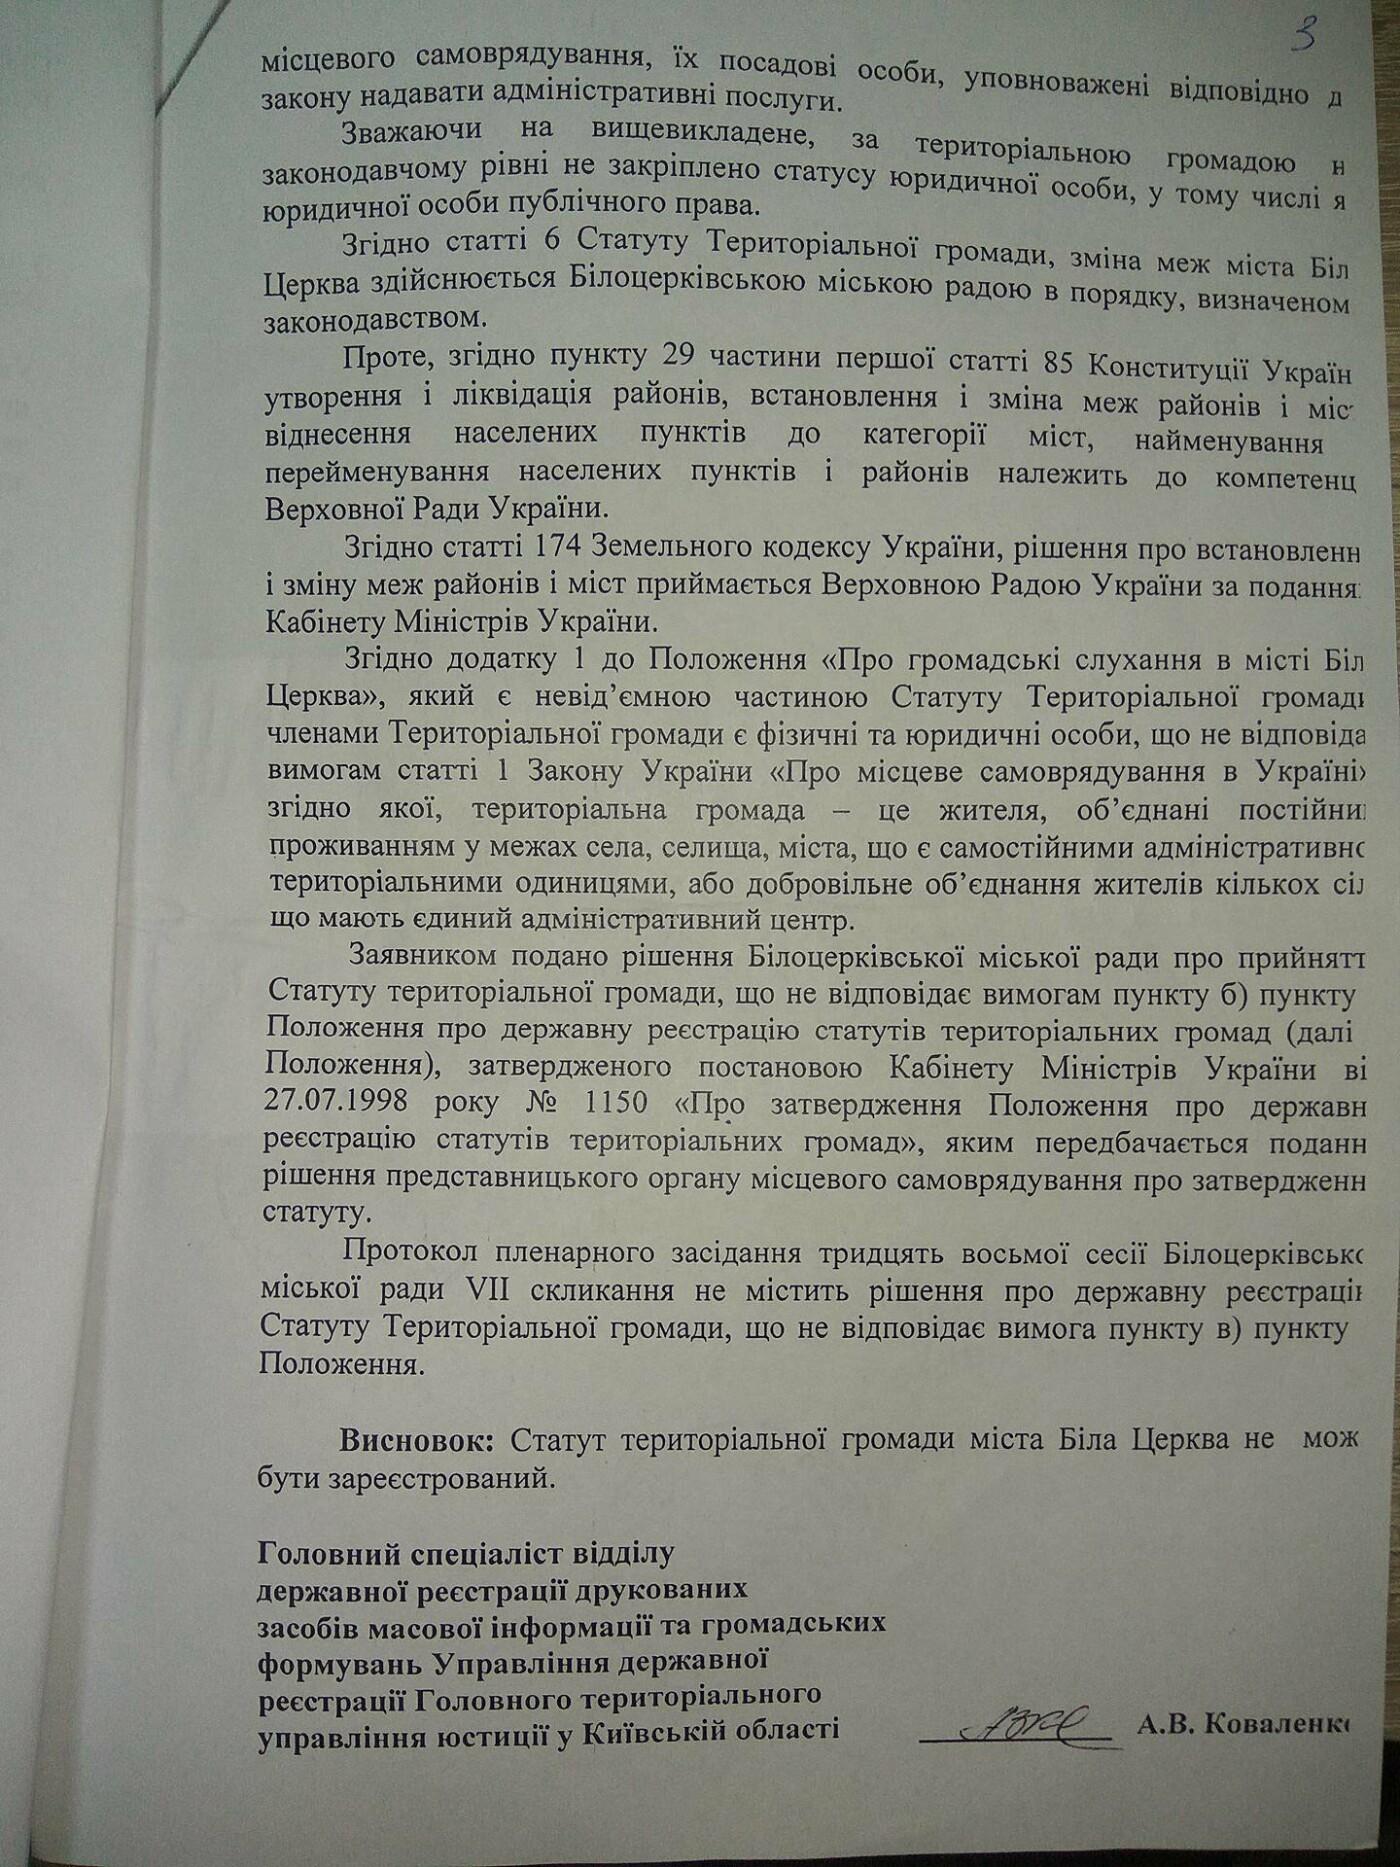 Правовий висновок Головного територіального управління юстиції у Київській області